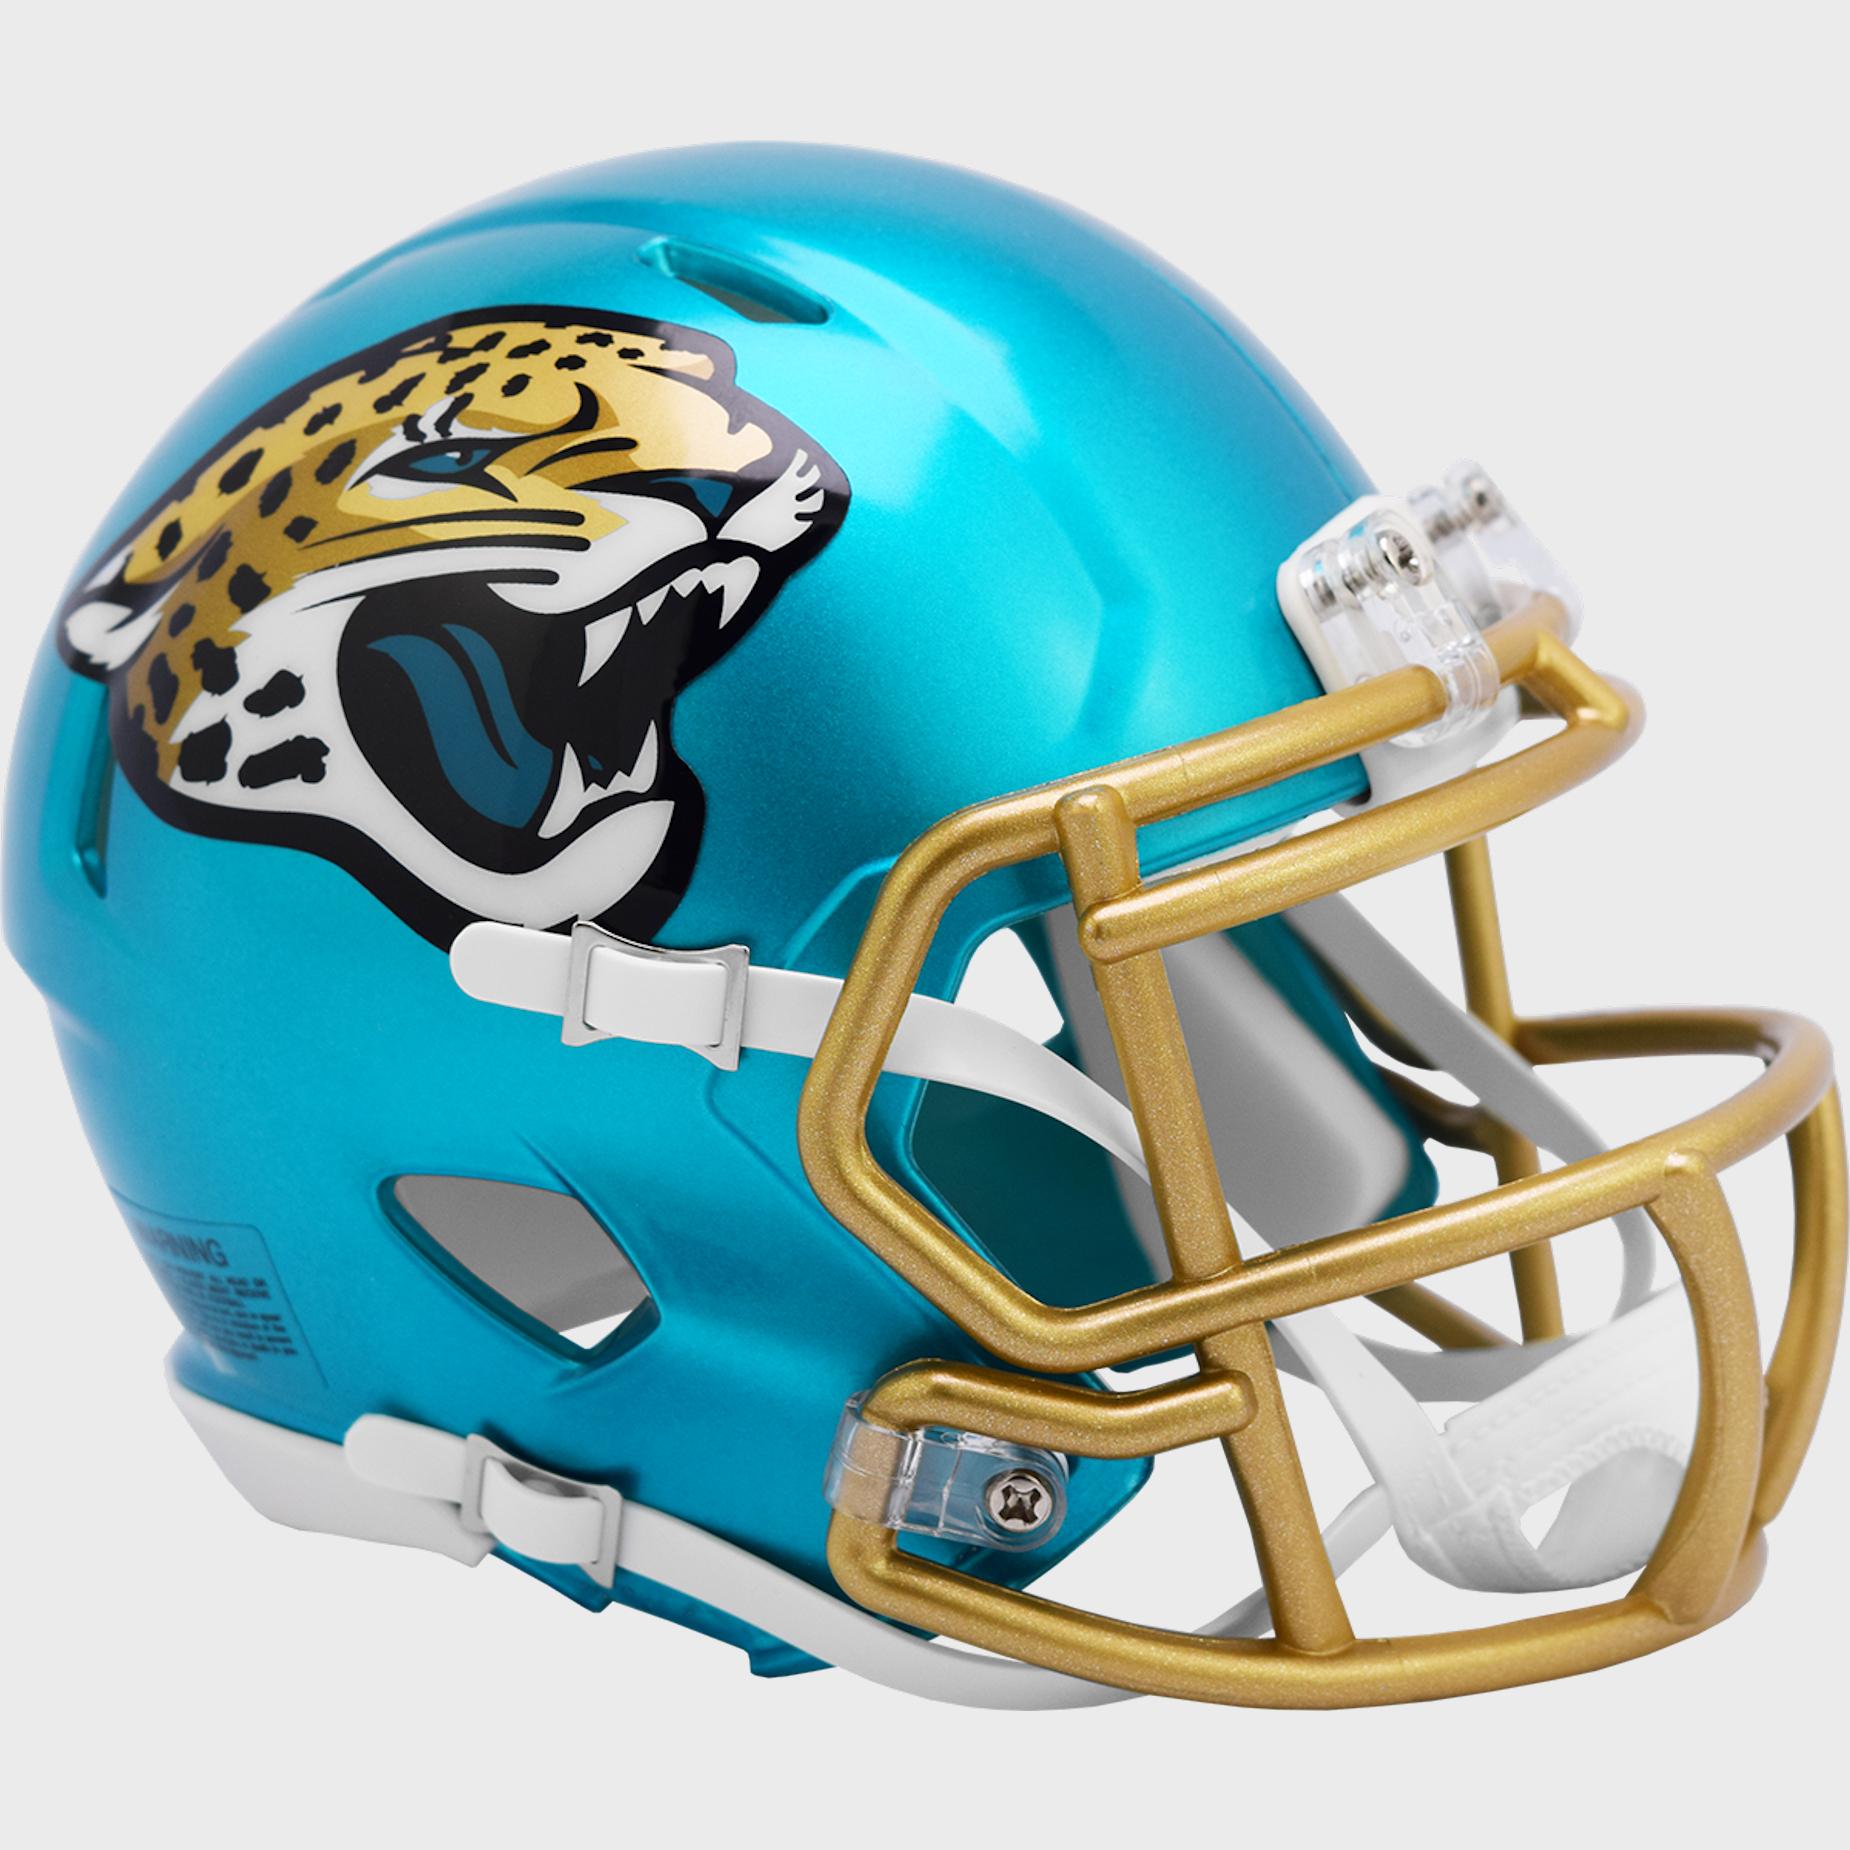 Jacksonville Jaguars Speed Mini Football Helmet <B>FLASH ESD 8/21/21</B>